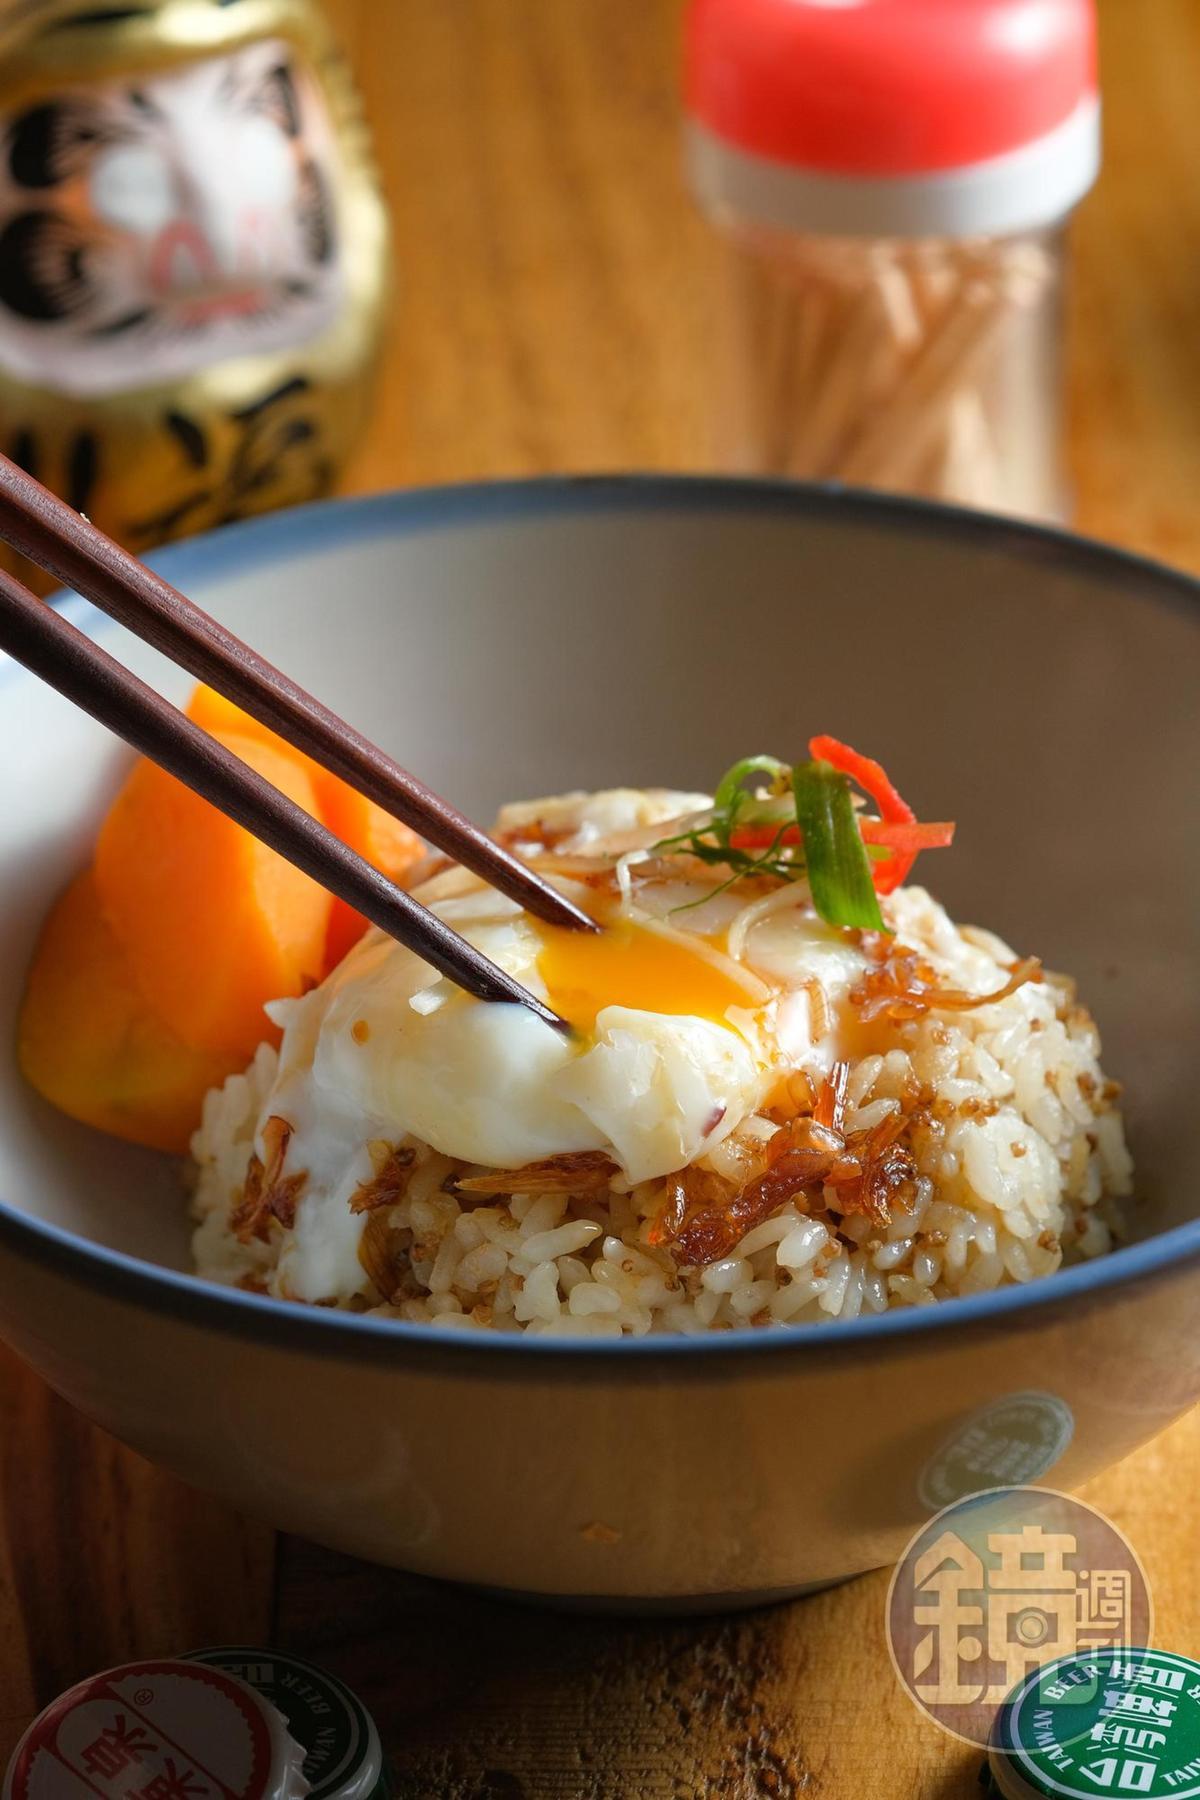 拌入藜麥、有鬆甜地瓜的「瑞春豬油蛋飯」,古早味飲食也兼顧營養。(80元/碗)